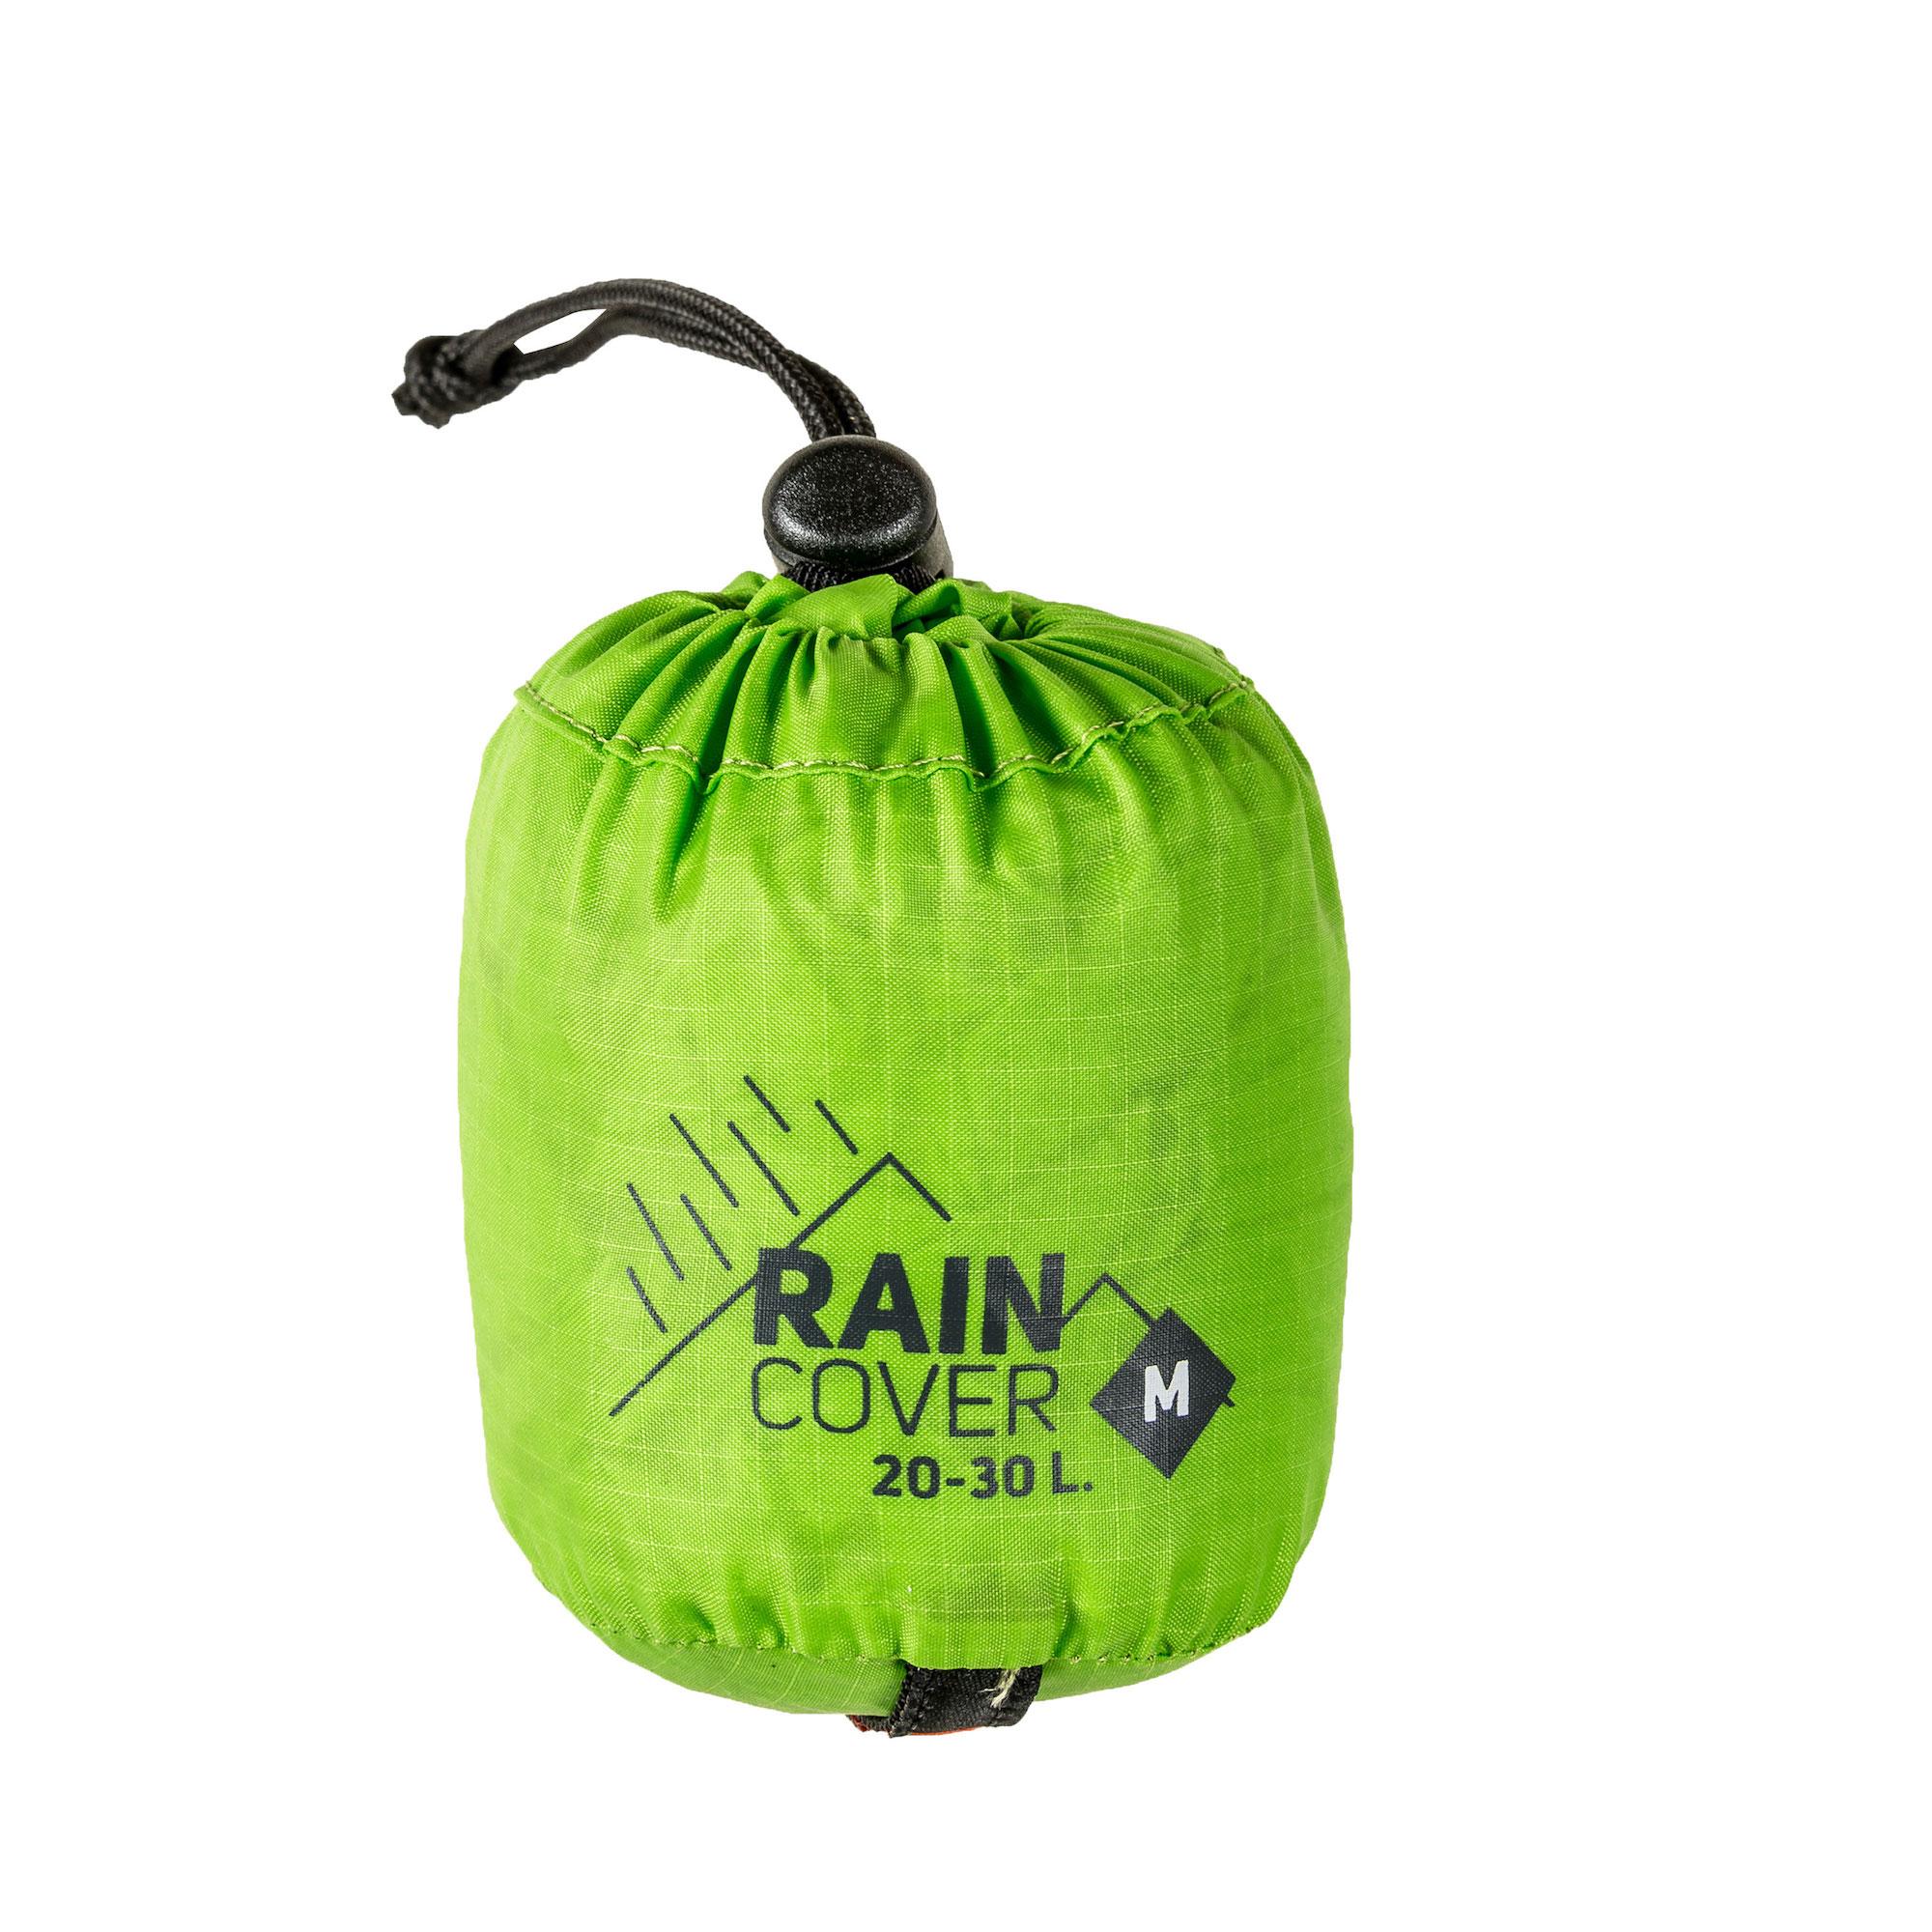 """Millet Raincover """"M"""" - (20-30L) - Protection pluie"""